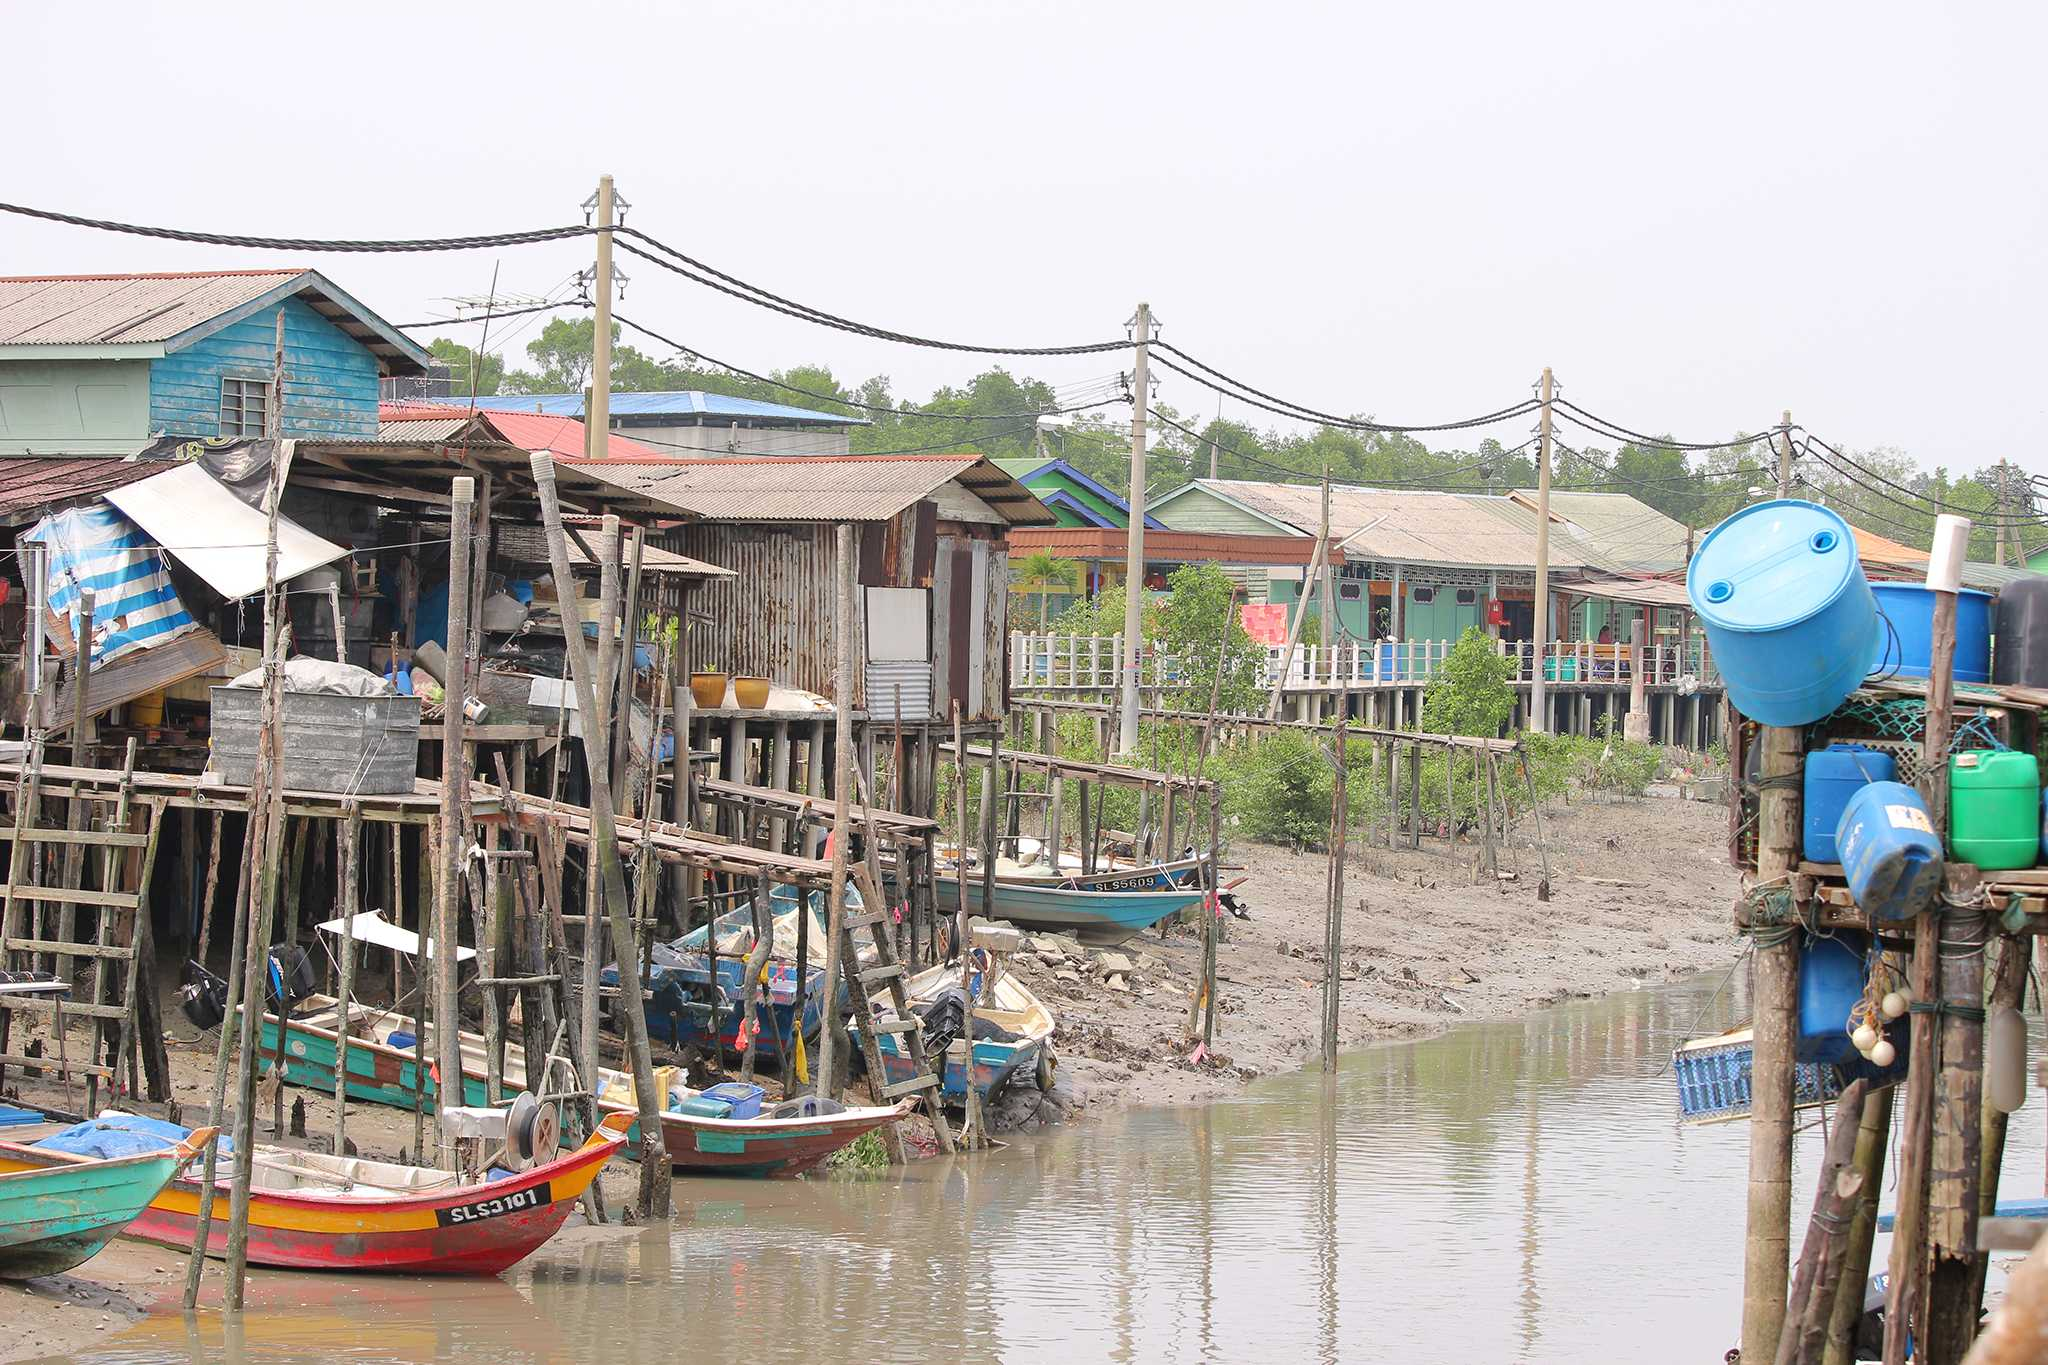 Pulau Ketam